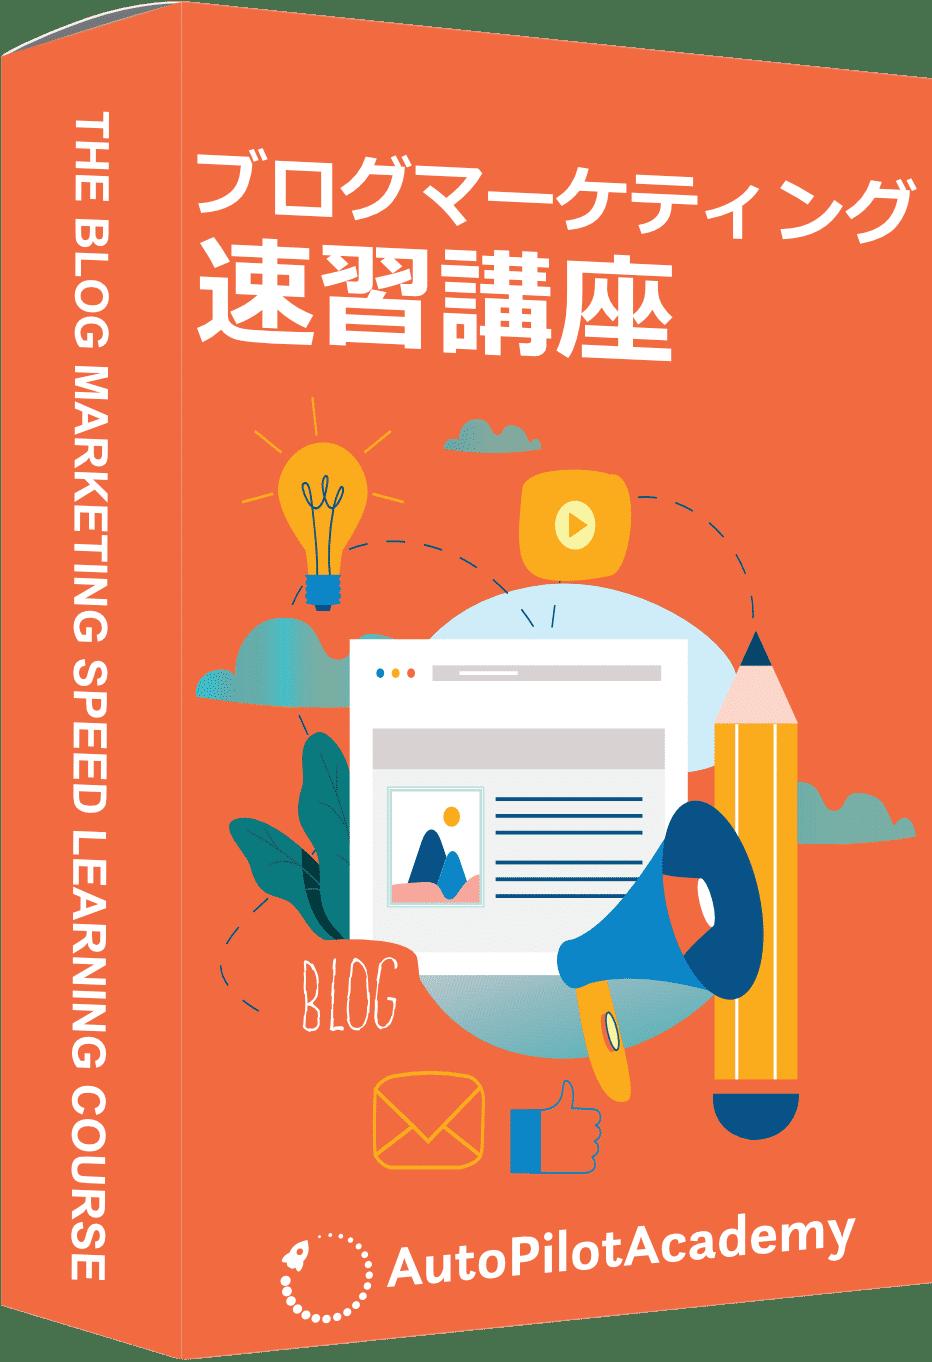 ブログマーケティング速習講座